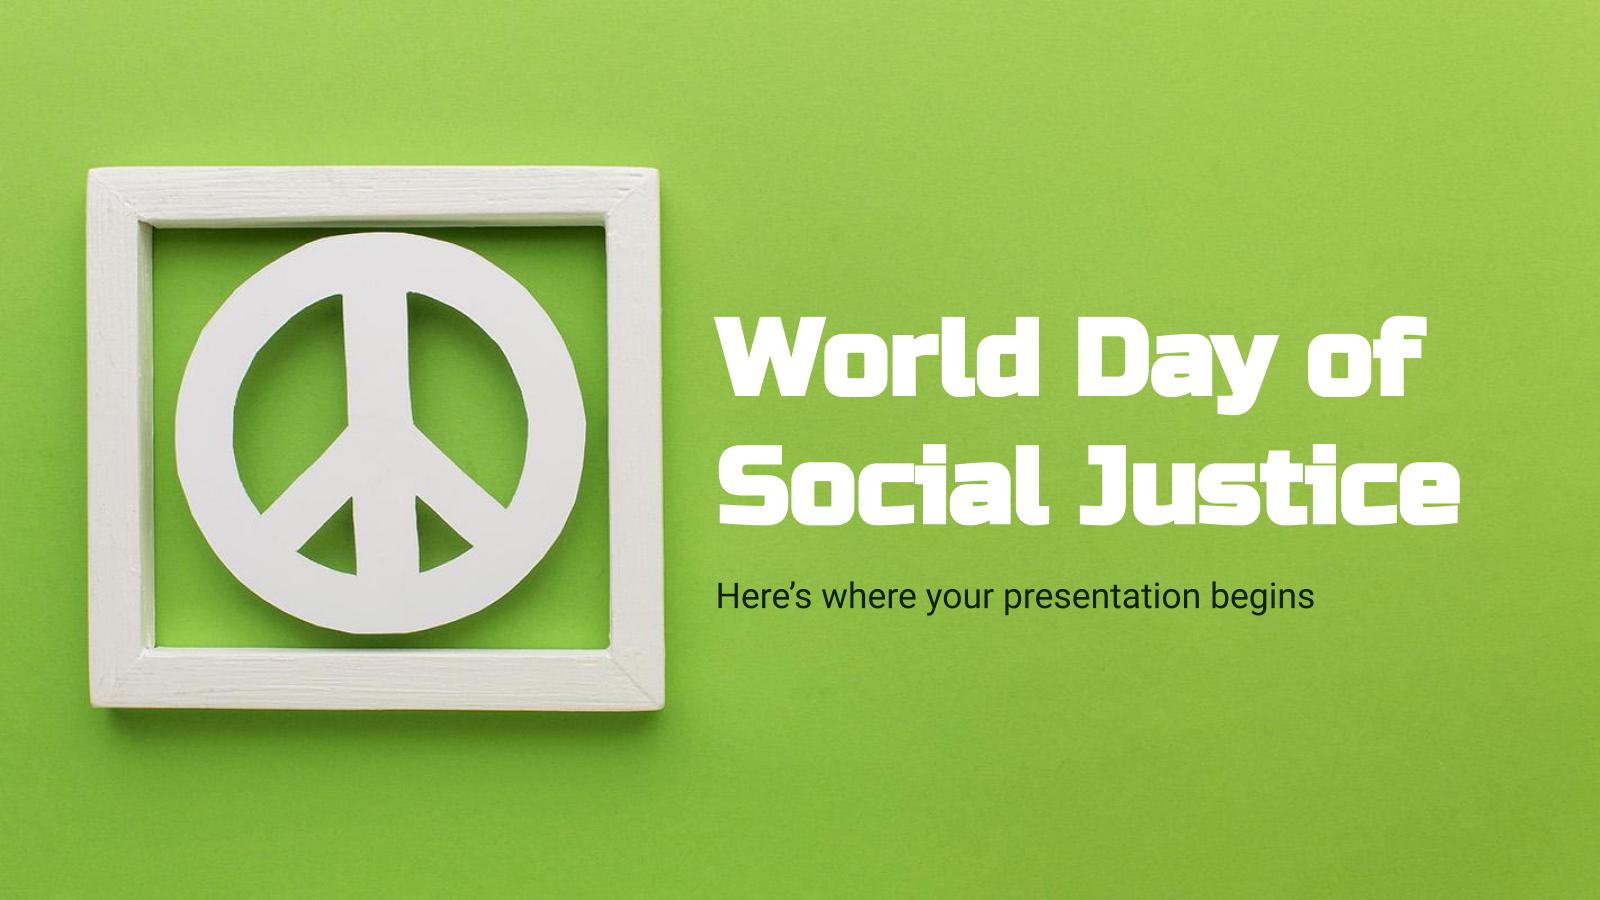 Plantilla de presentación Día Mundial de la Justicia Social